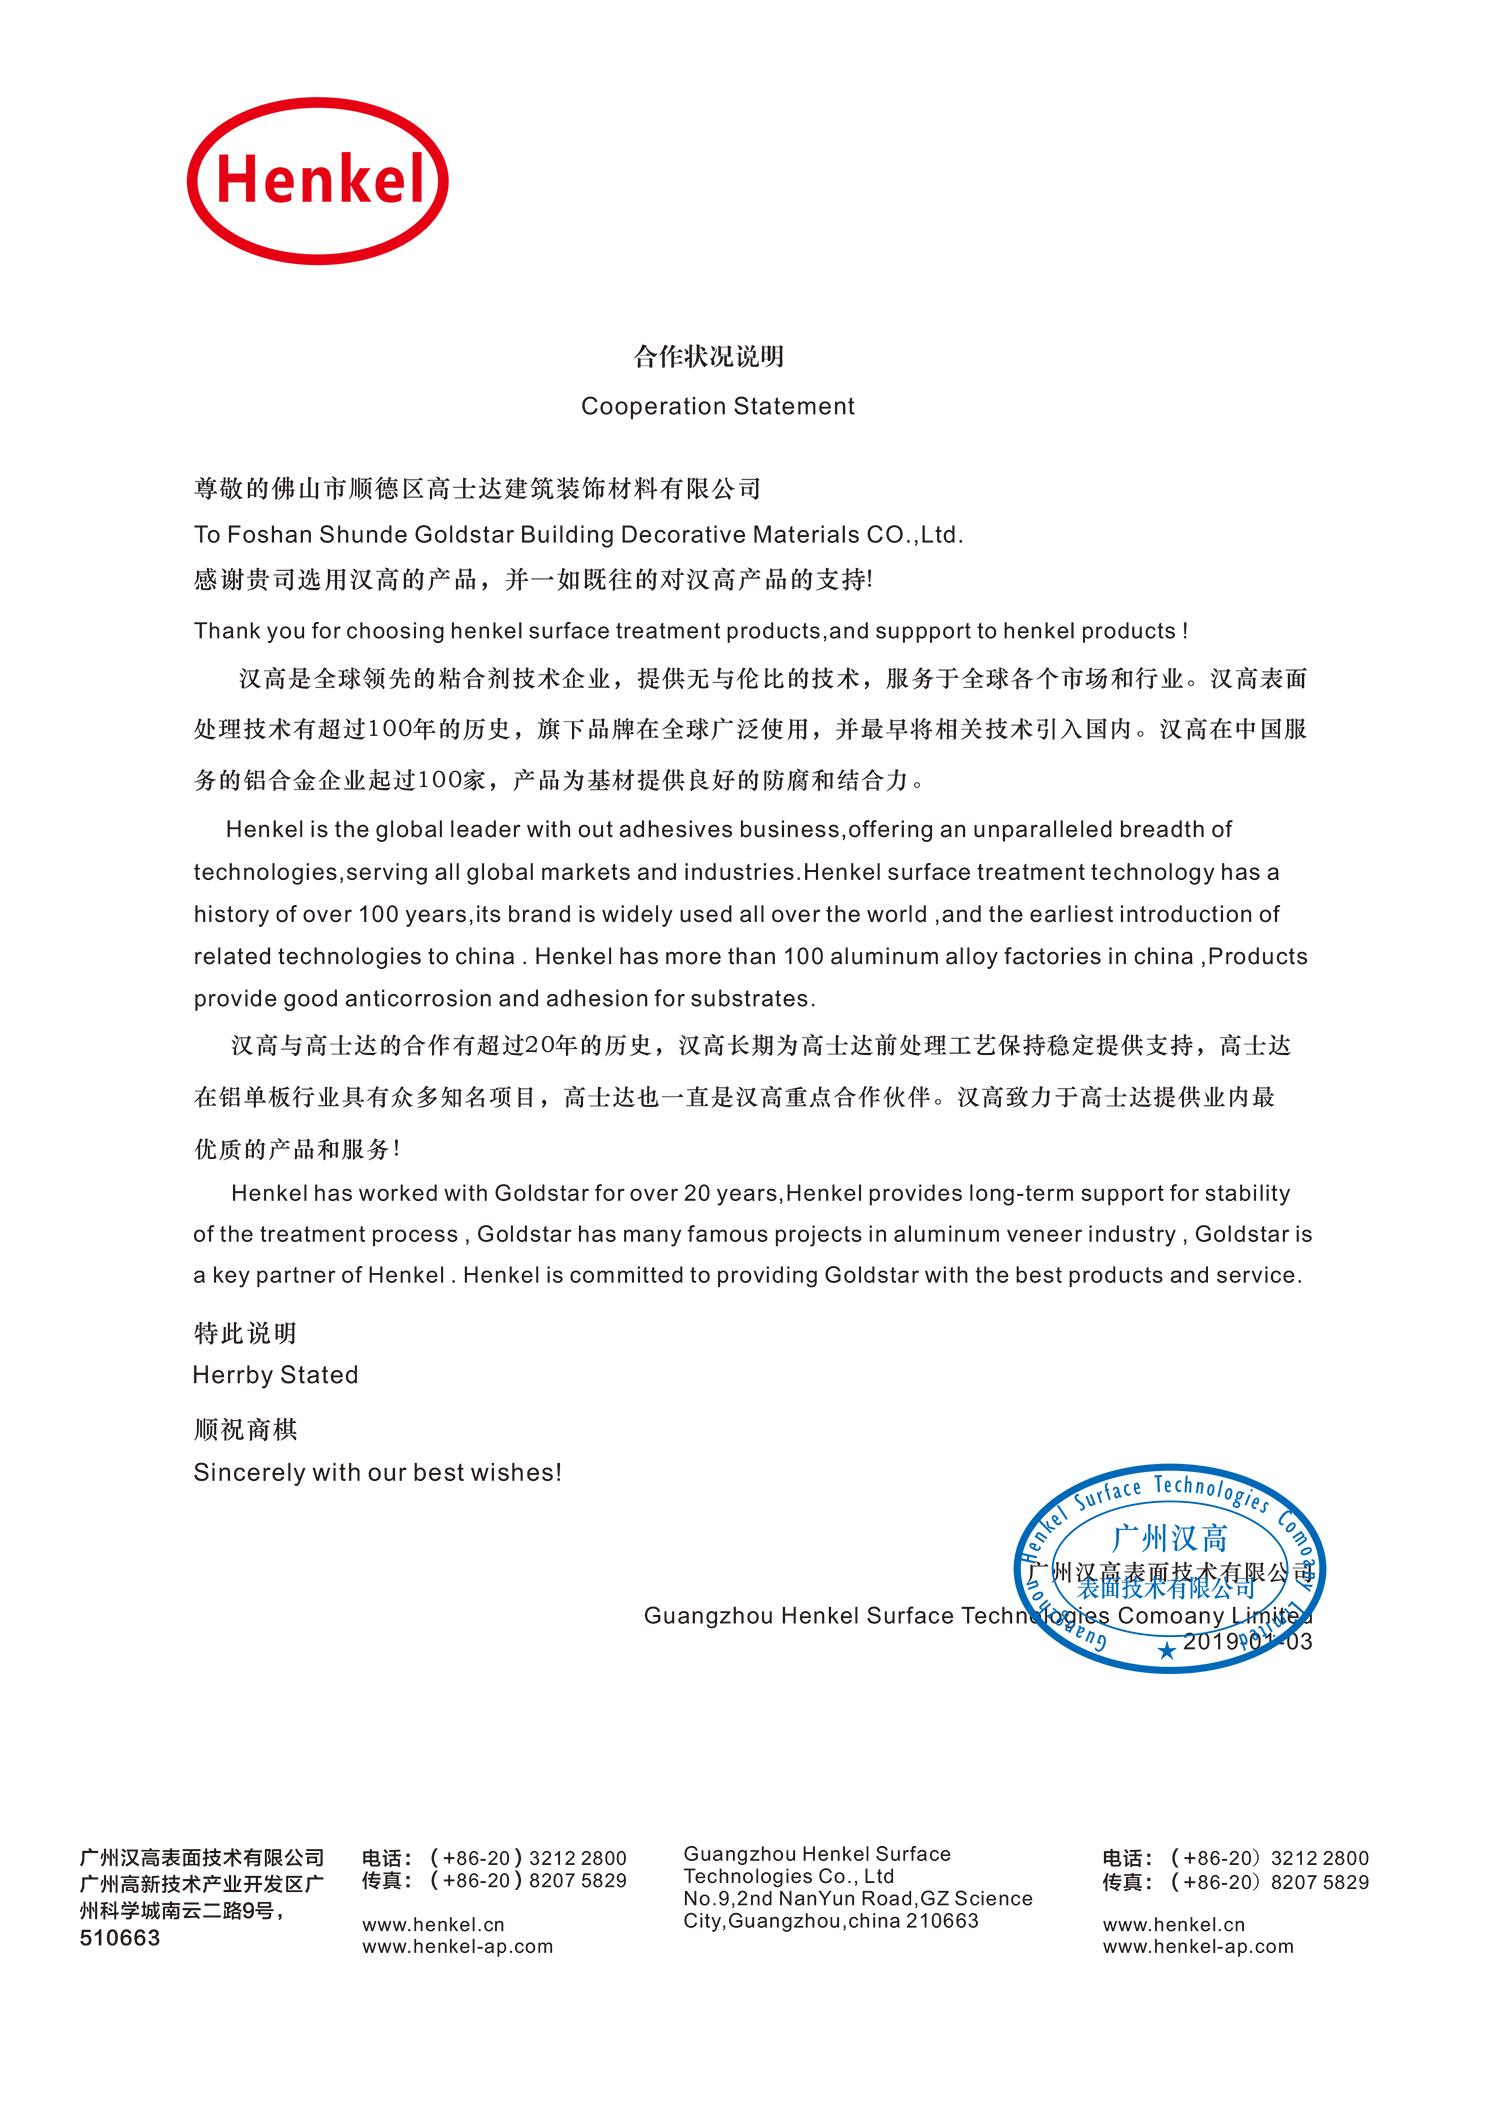 汉高与高士达合作状况说明2019